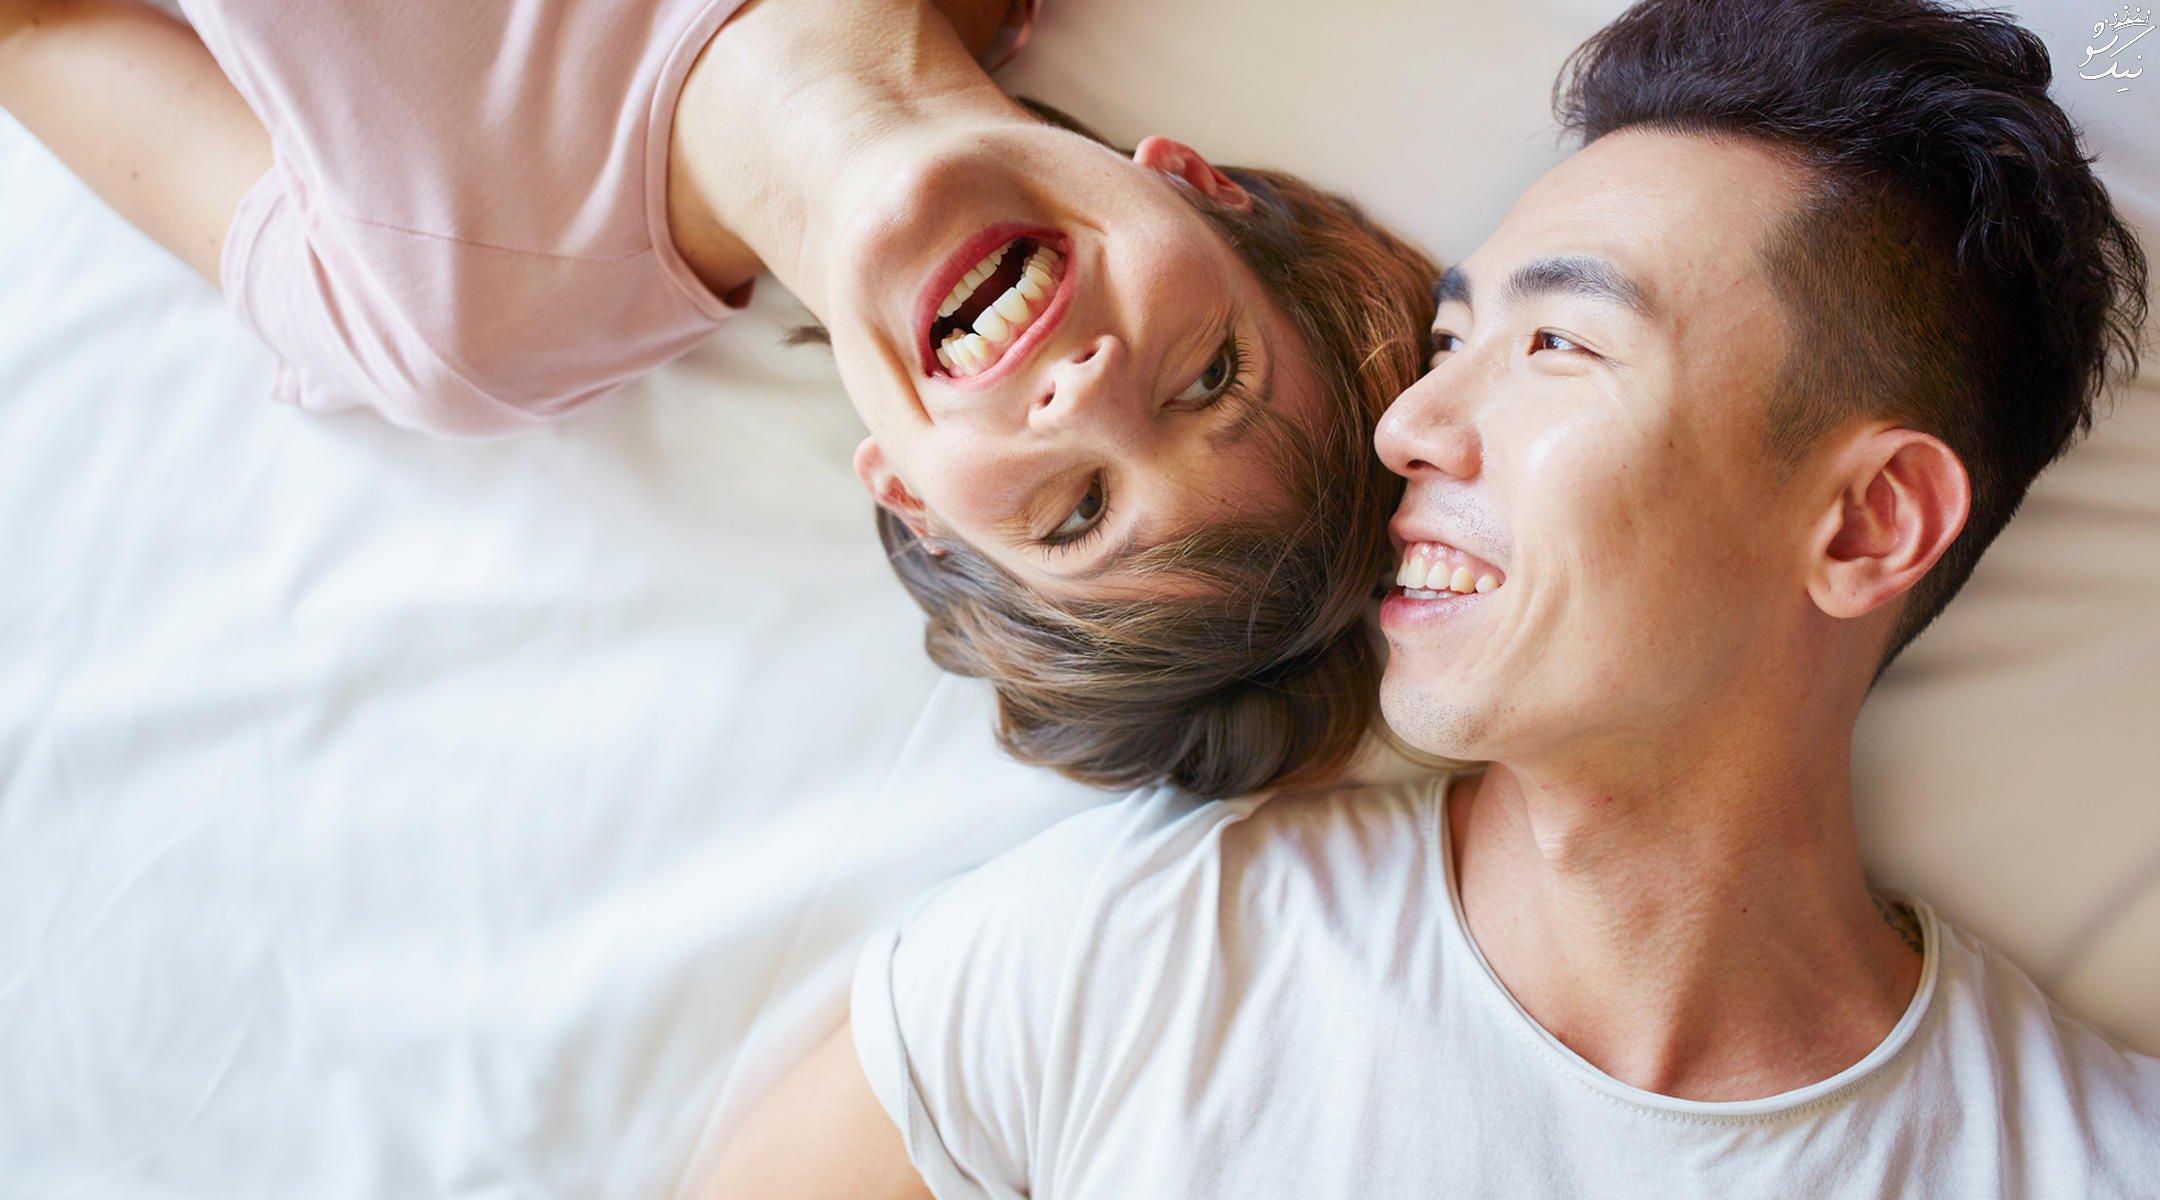 رابطه جنسی در دوران بارداری و نکاتی که باید بدانید